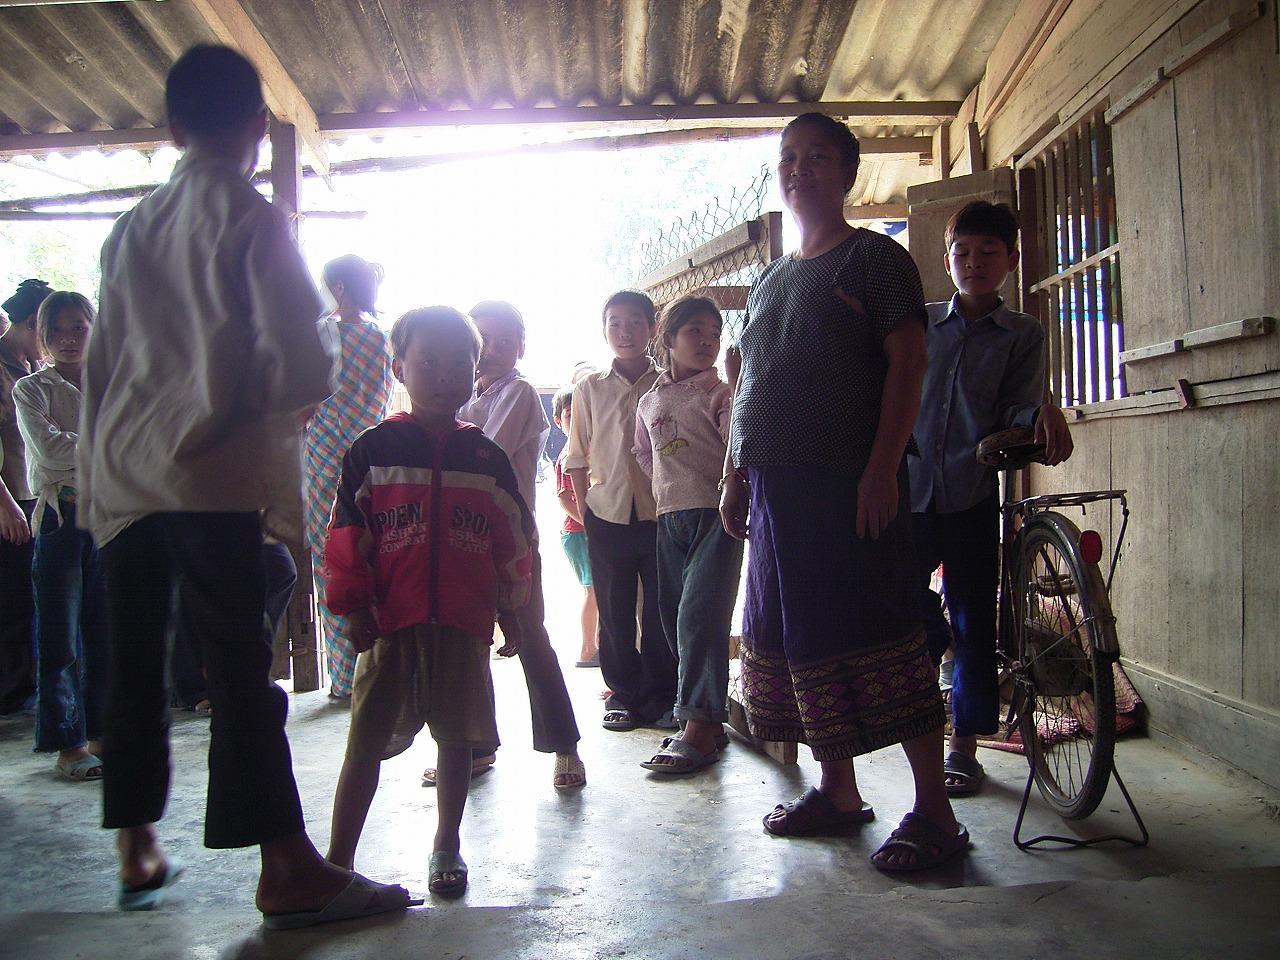 ベトナム国境付近の集落